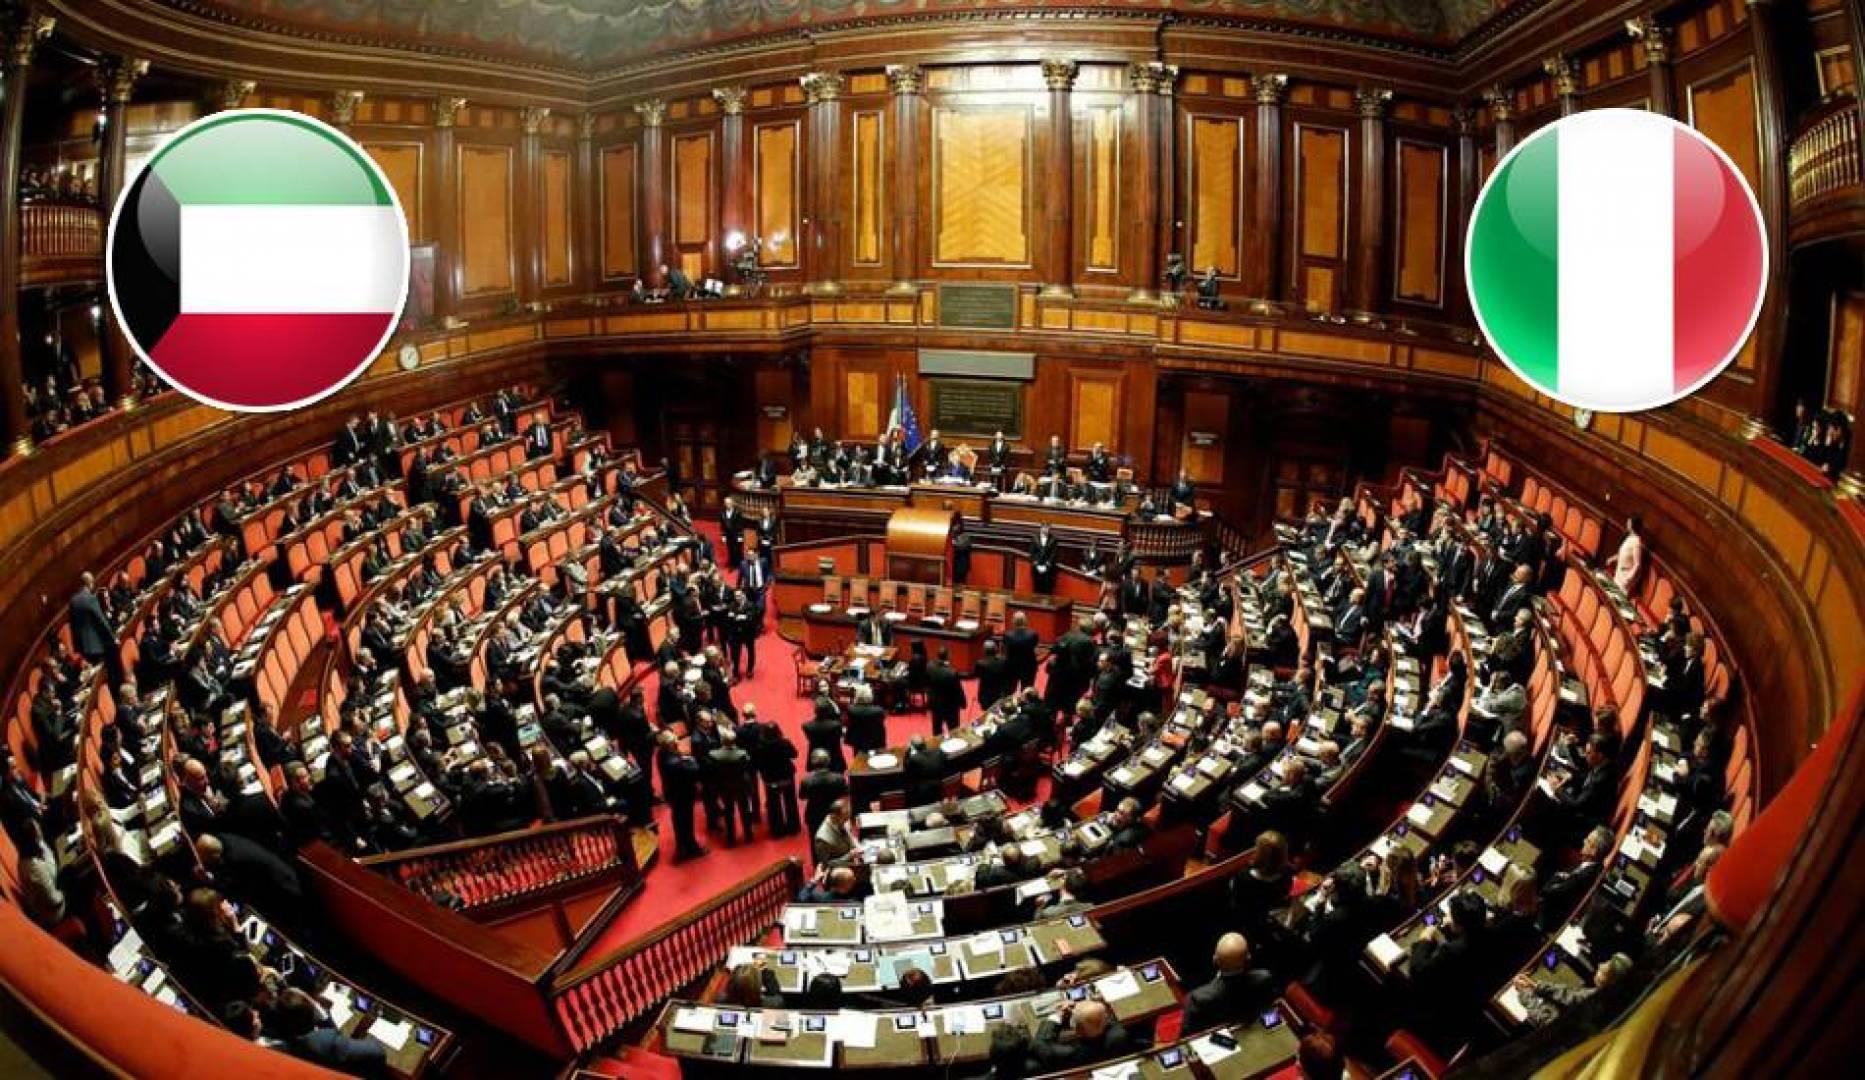 البرلمان الإيطالي: دور محوري للكويت في حل الخلاف الخليجي